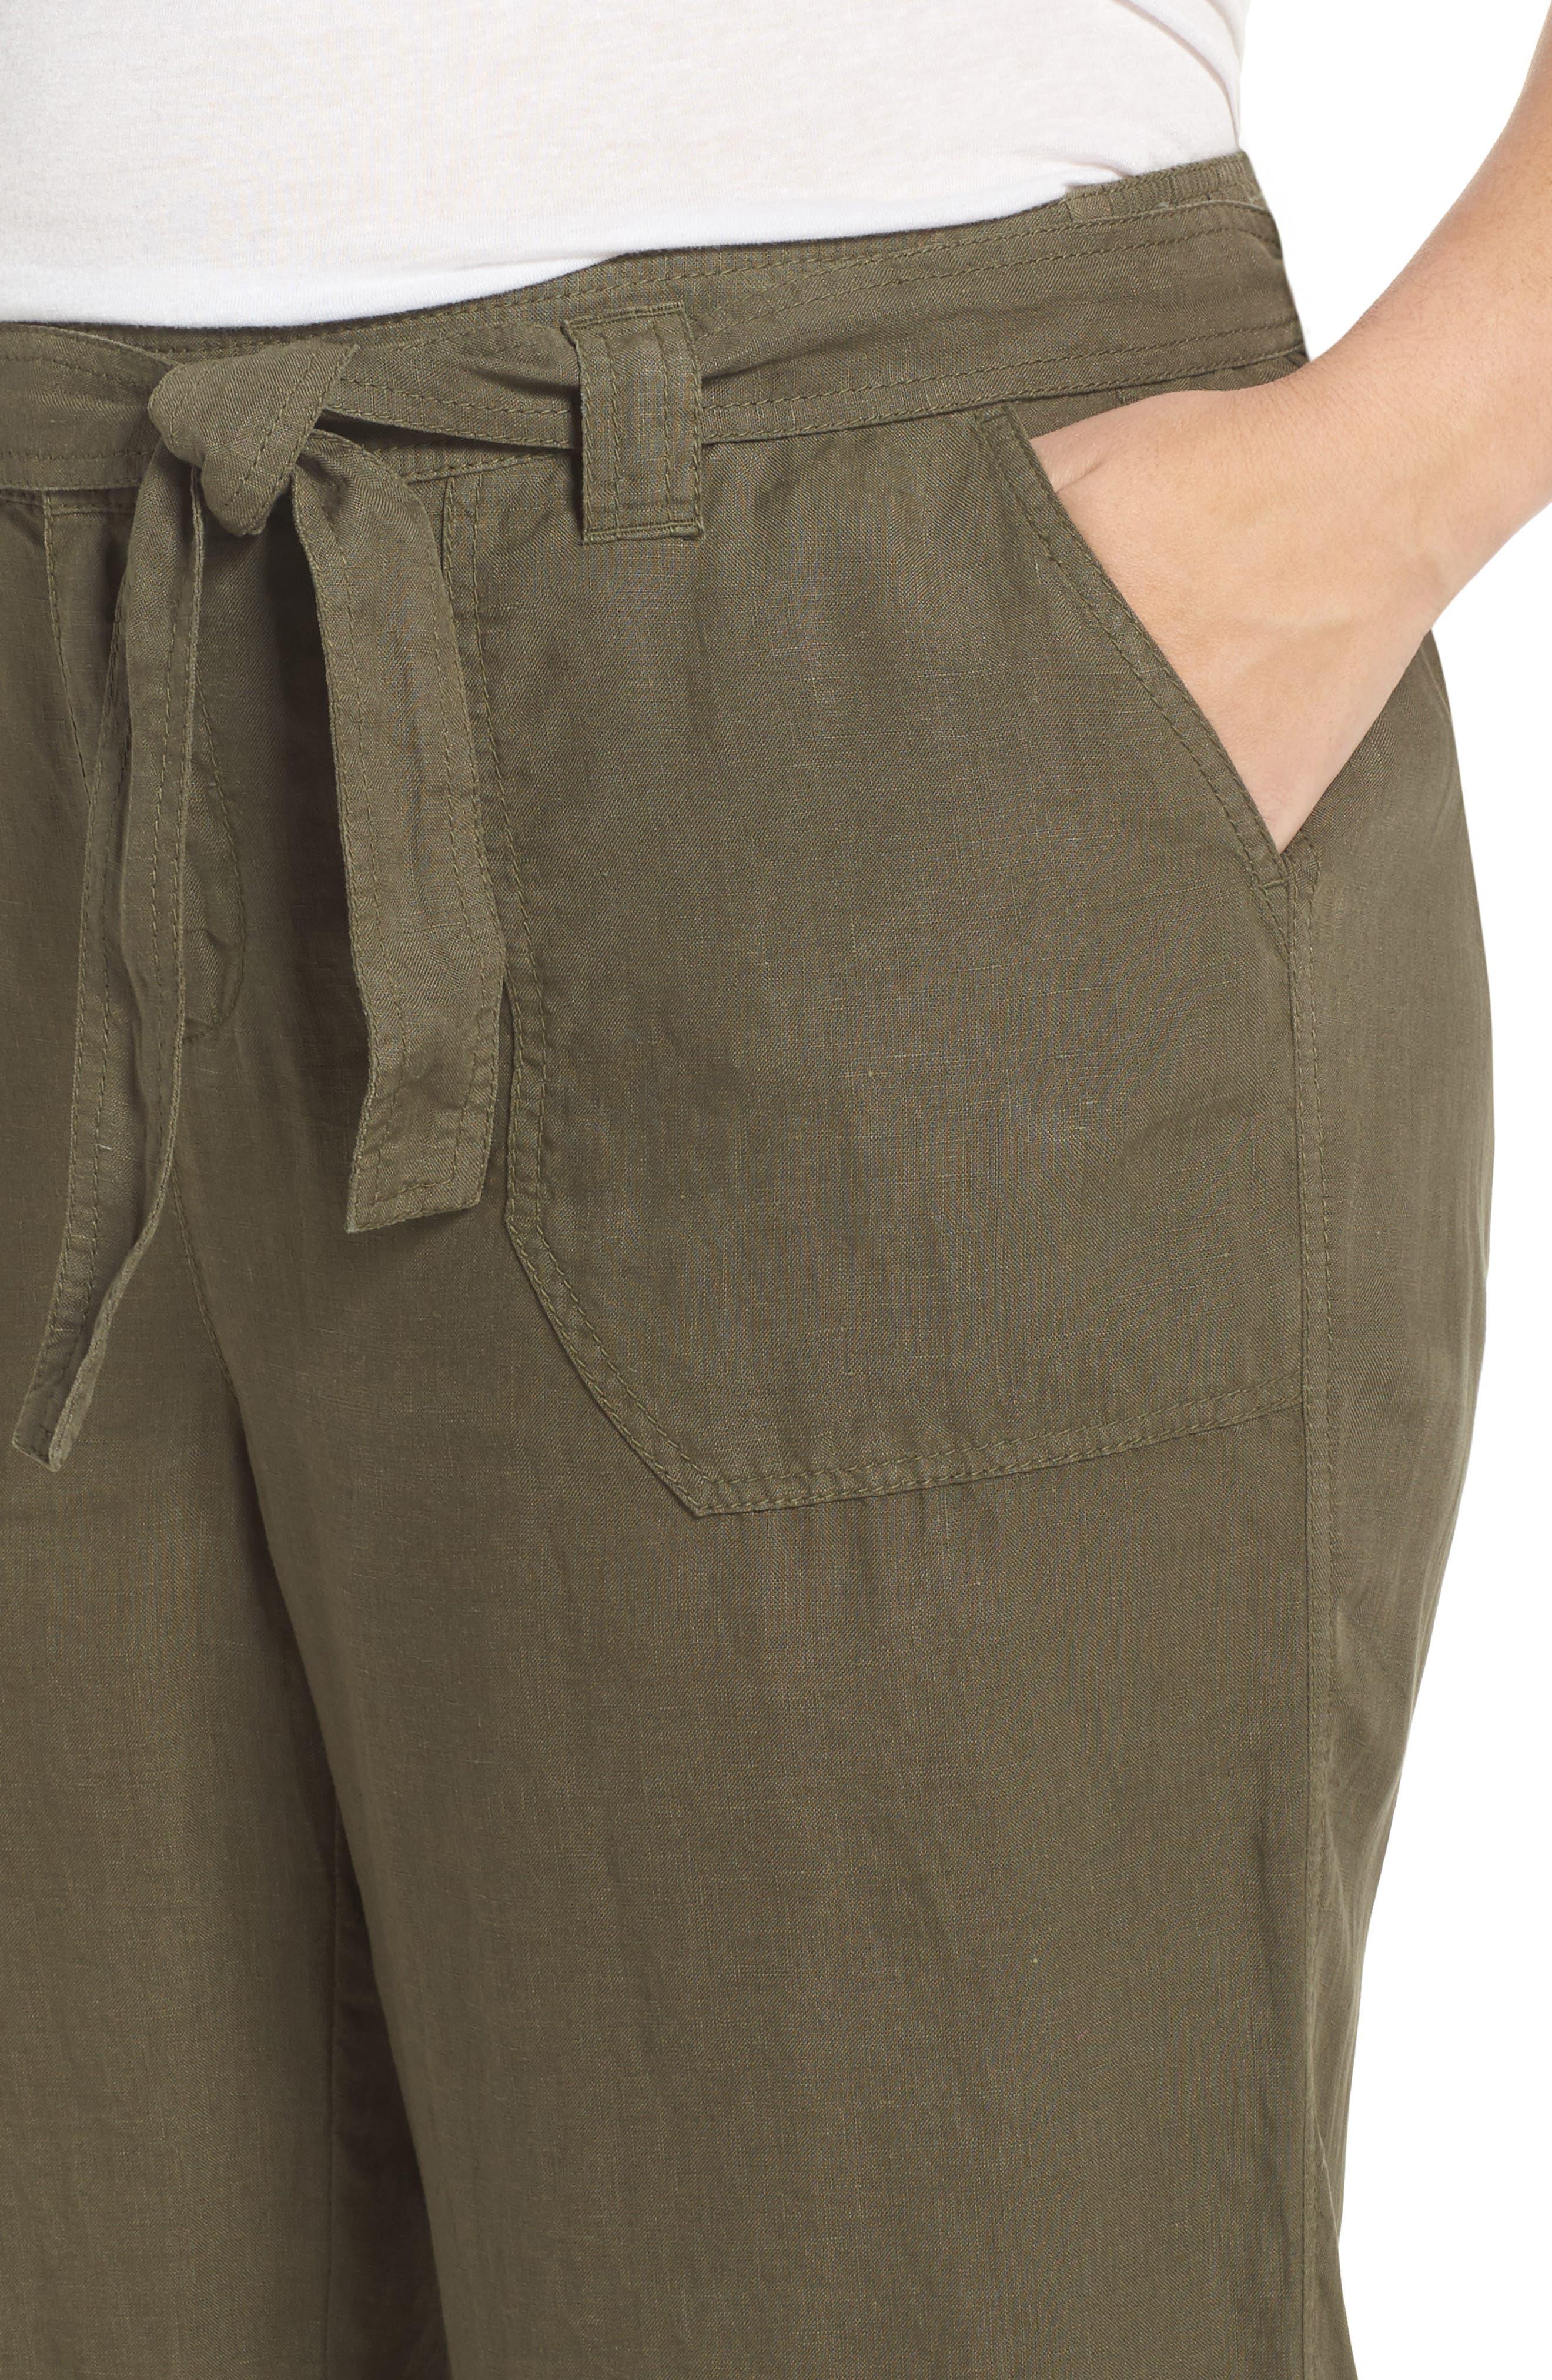 Wide Leg Crop Linen Pants,                             Alternate thumbnail 4, color,                             Olive Sarma